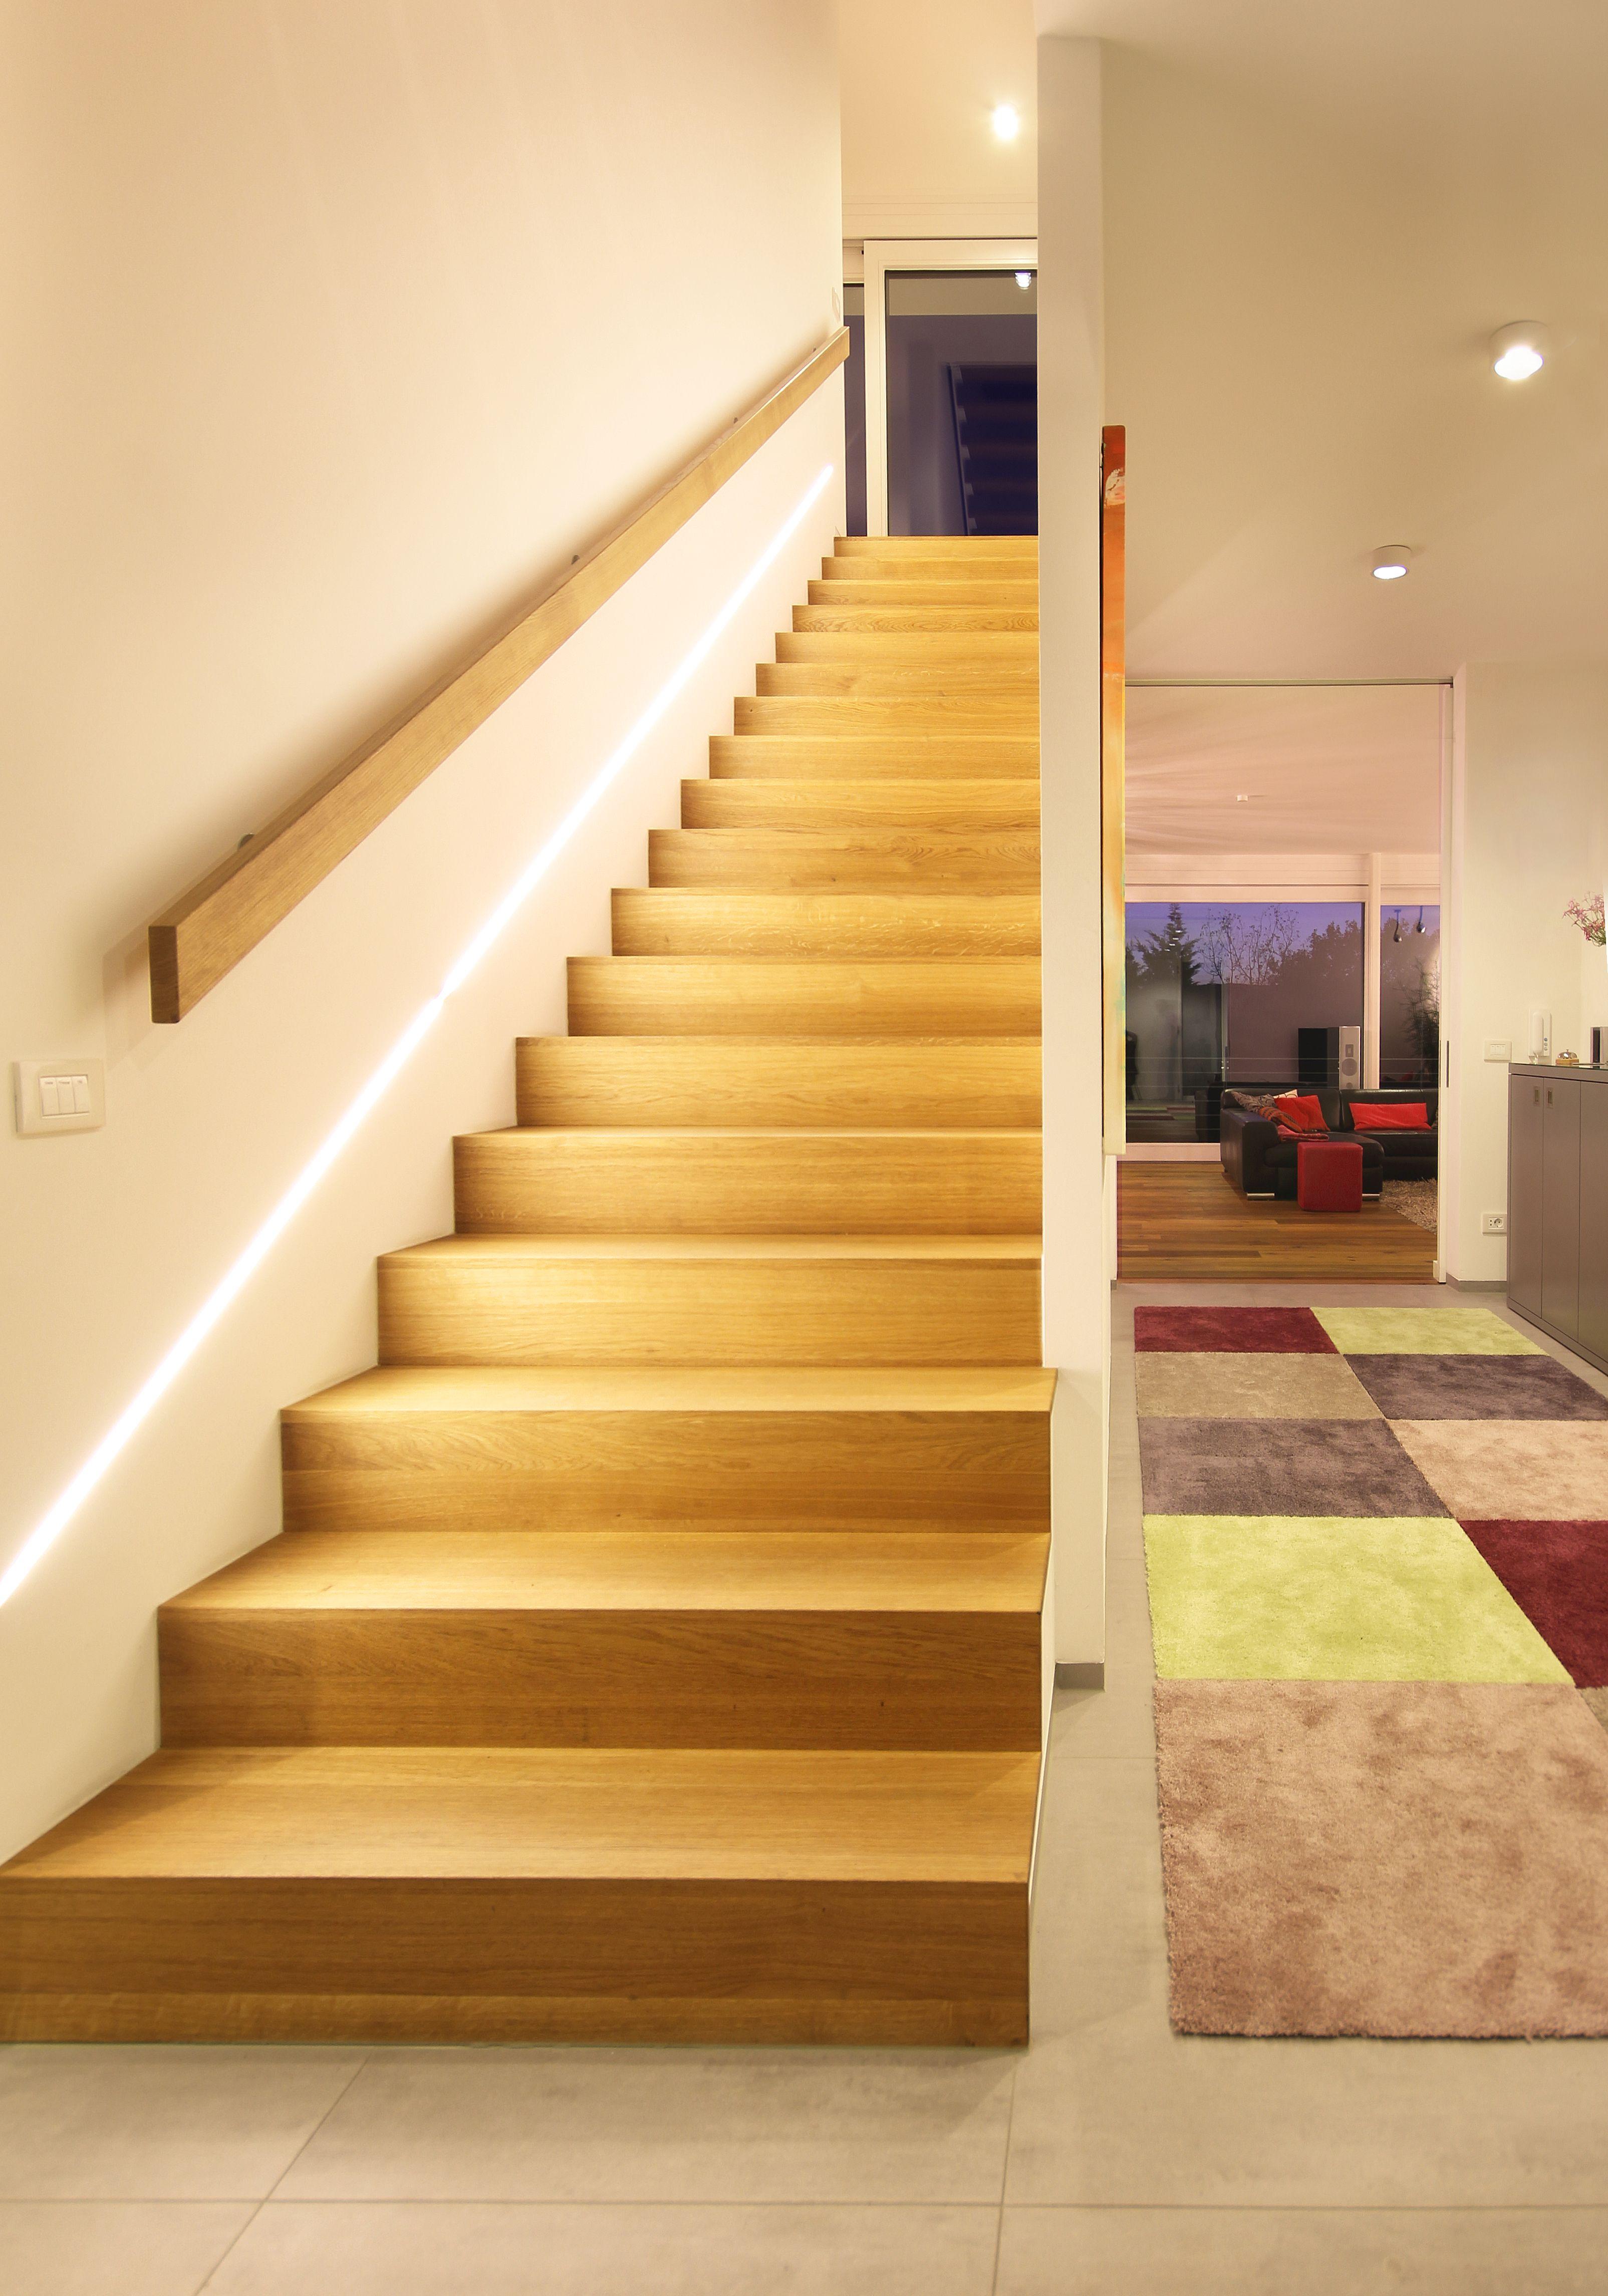 Modernes Treppendesign Mit Led Lichtband Gerade Betontreppe Mit Holzbelag Und Handlauf Im Hauseingang Projekt By Ww Haus Streichen Treppe Haus Treppen Design